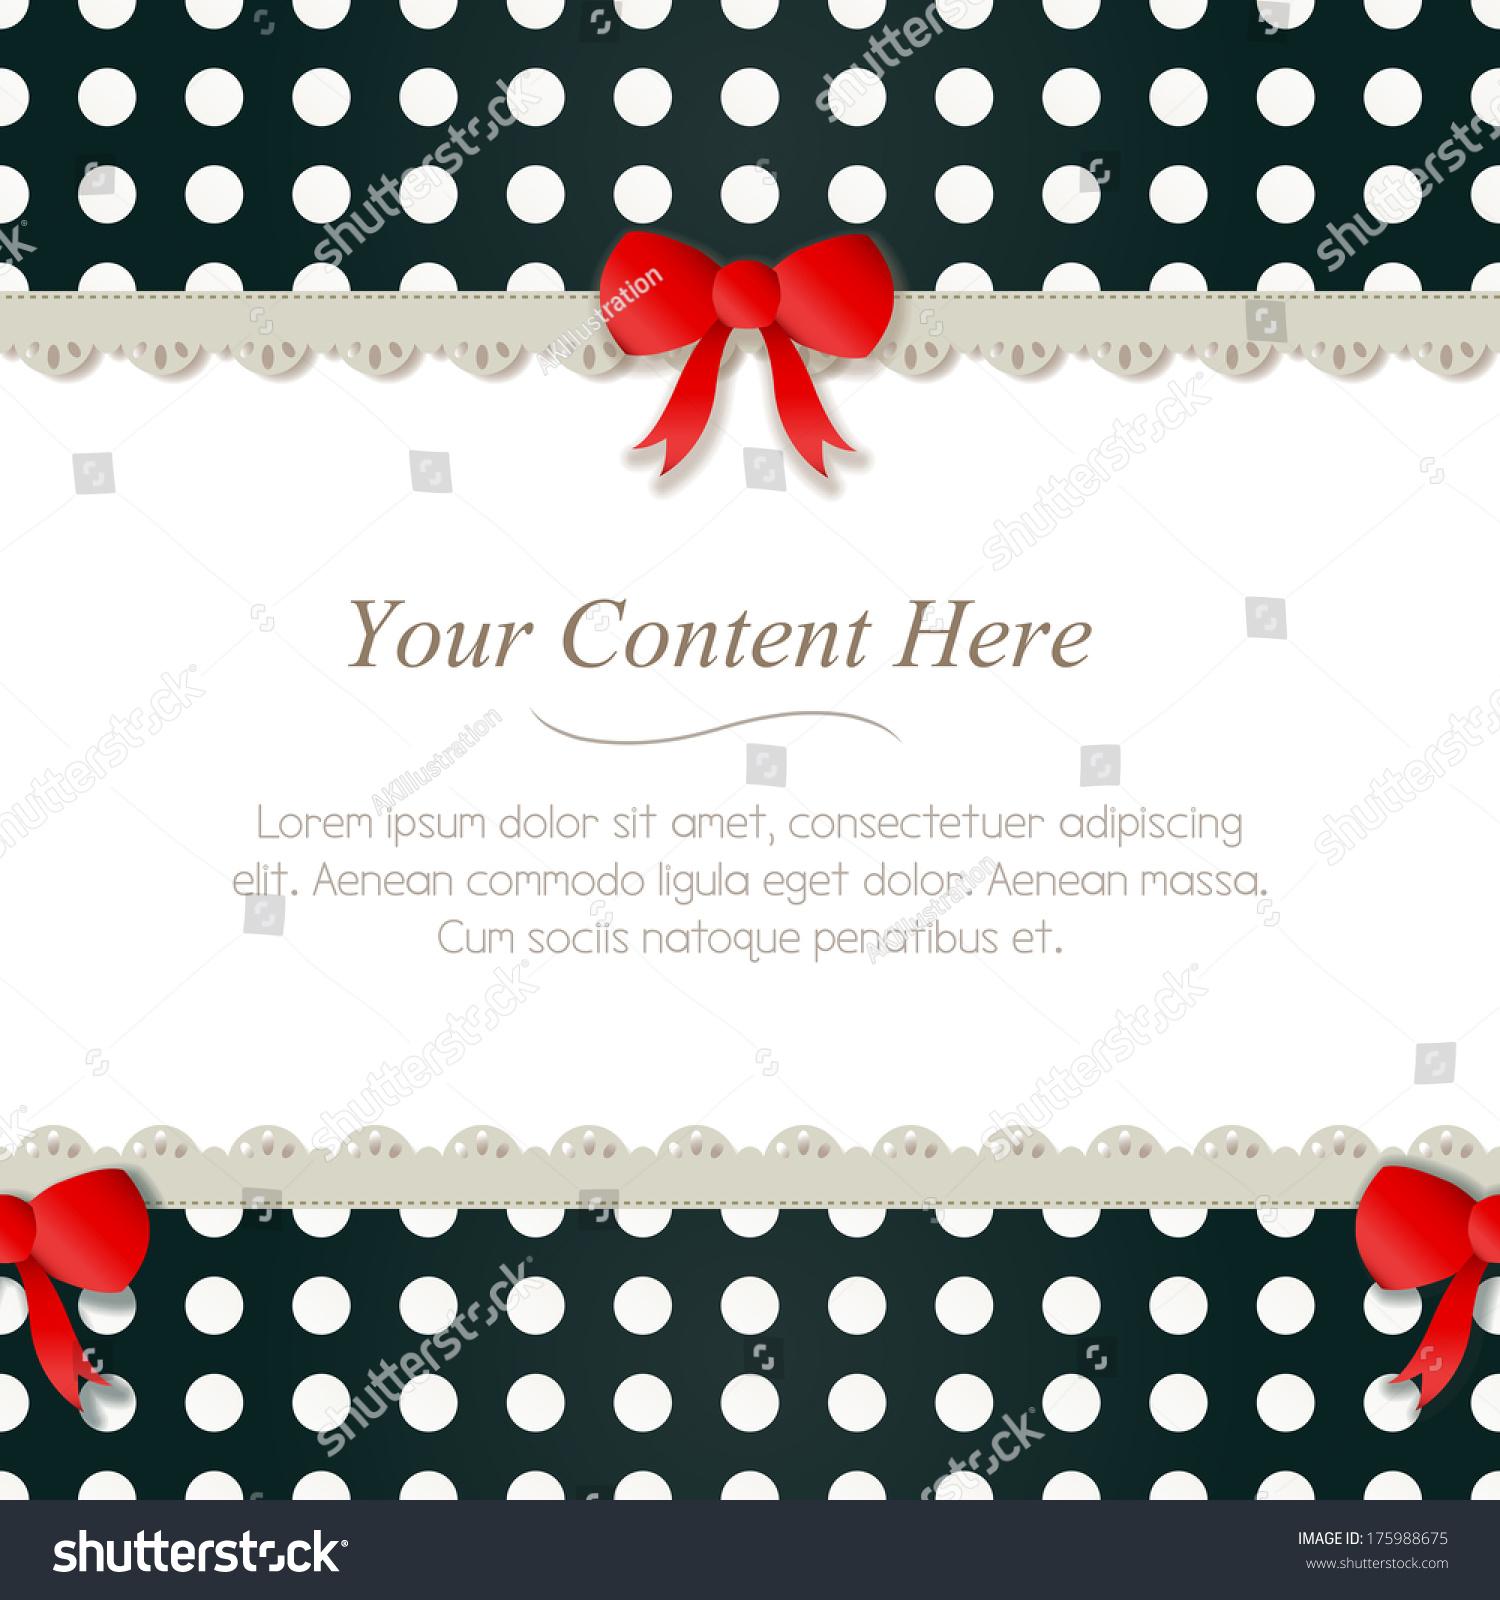 Cute Black White Polka Dot Frame Stock Illustration 175988675 ...